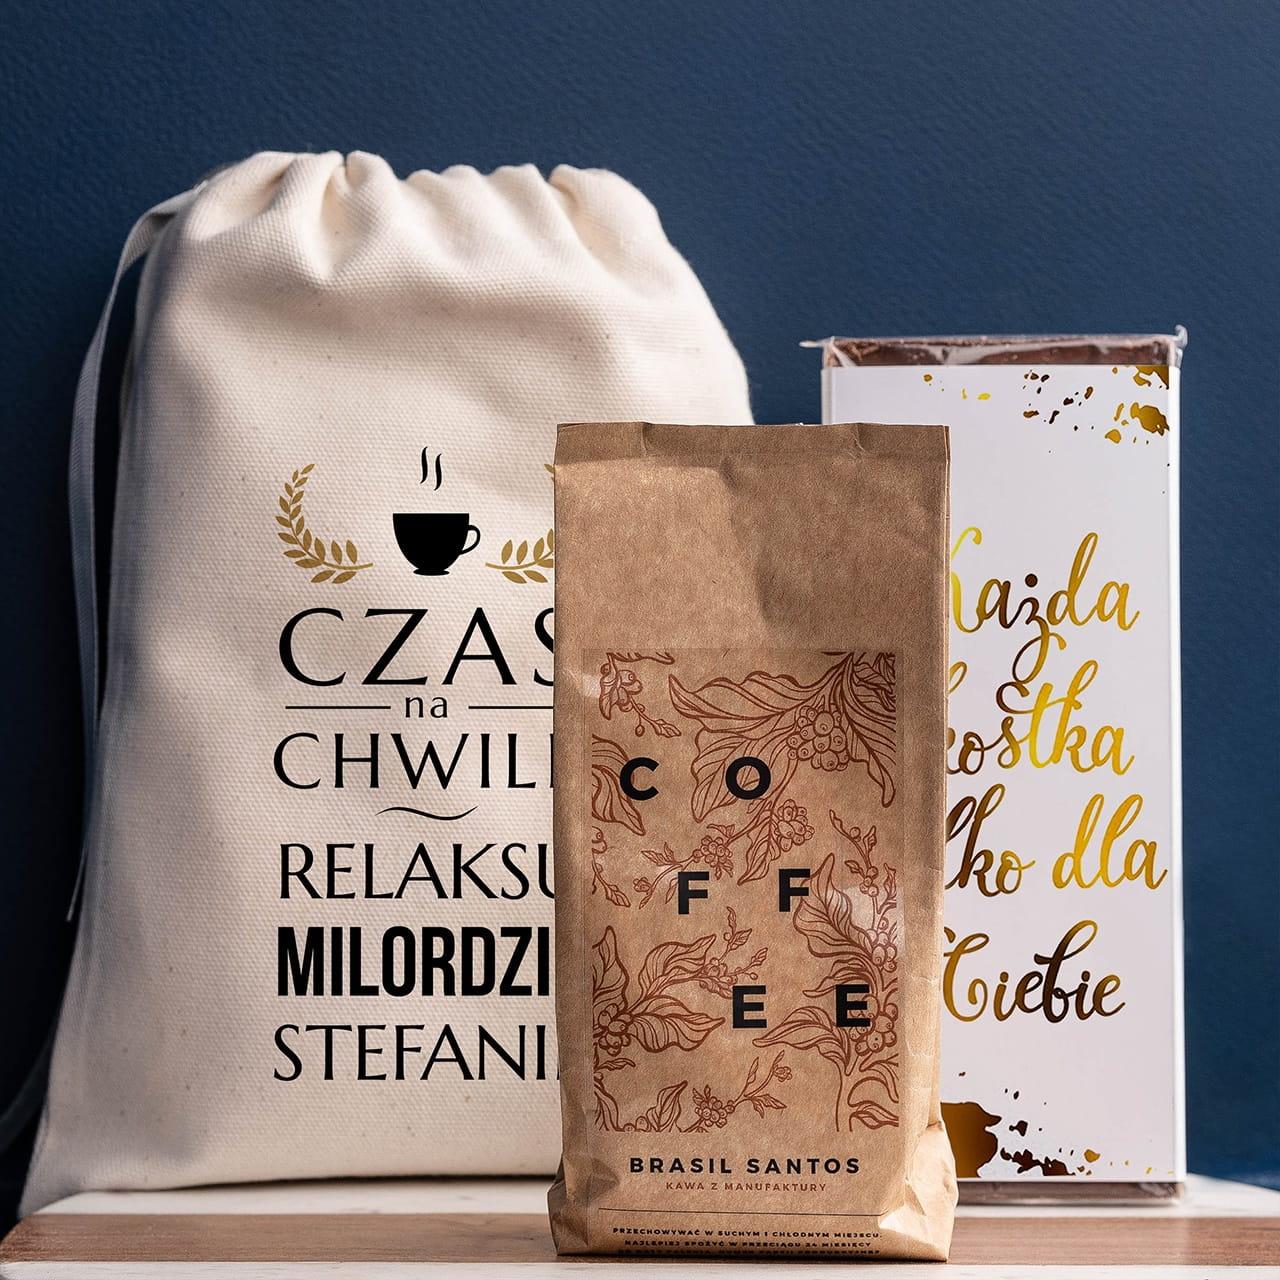 Kawa i czekolada to słodki na prezent dla kawosza